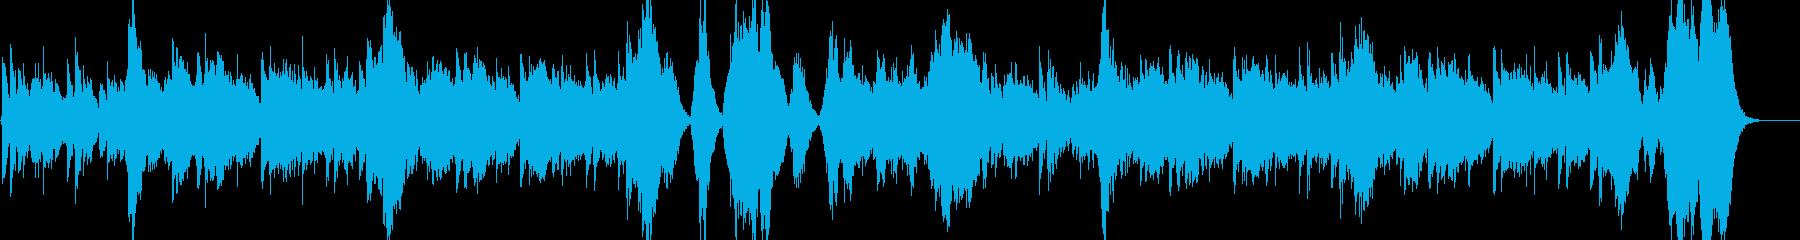 少しエキゾチックなオーケストラ曲の再生済みの波形